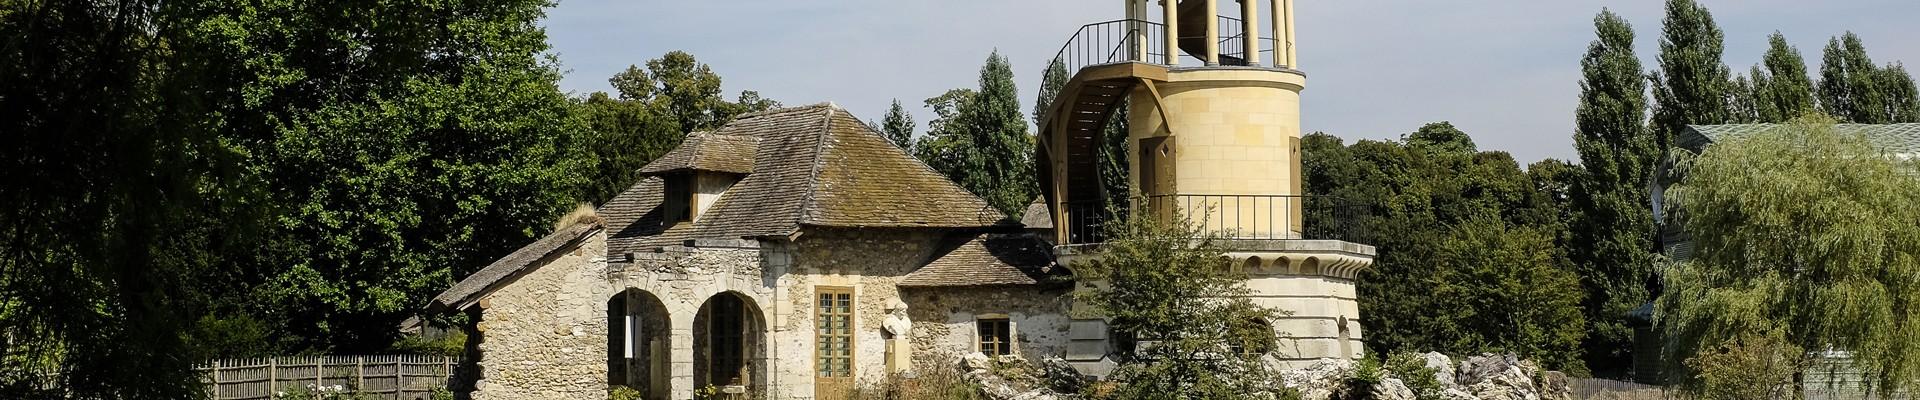 La aldea de la Reina